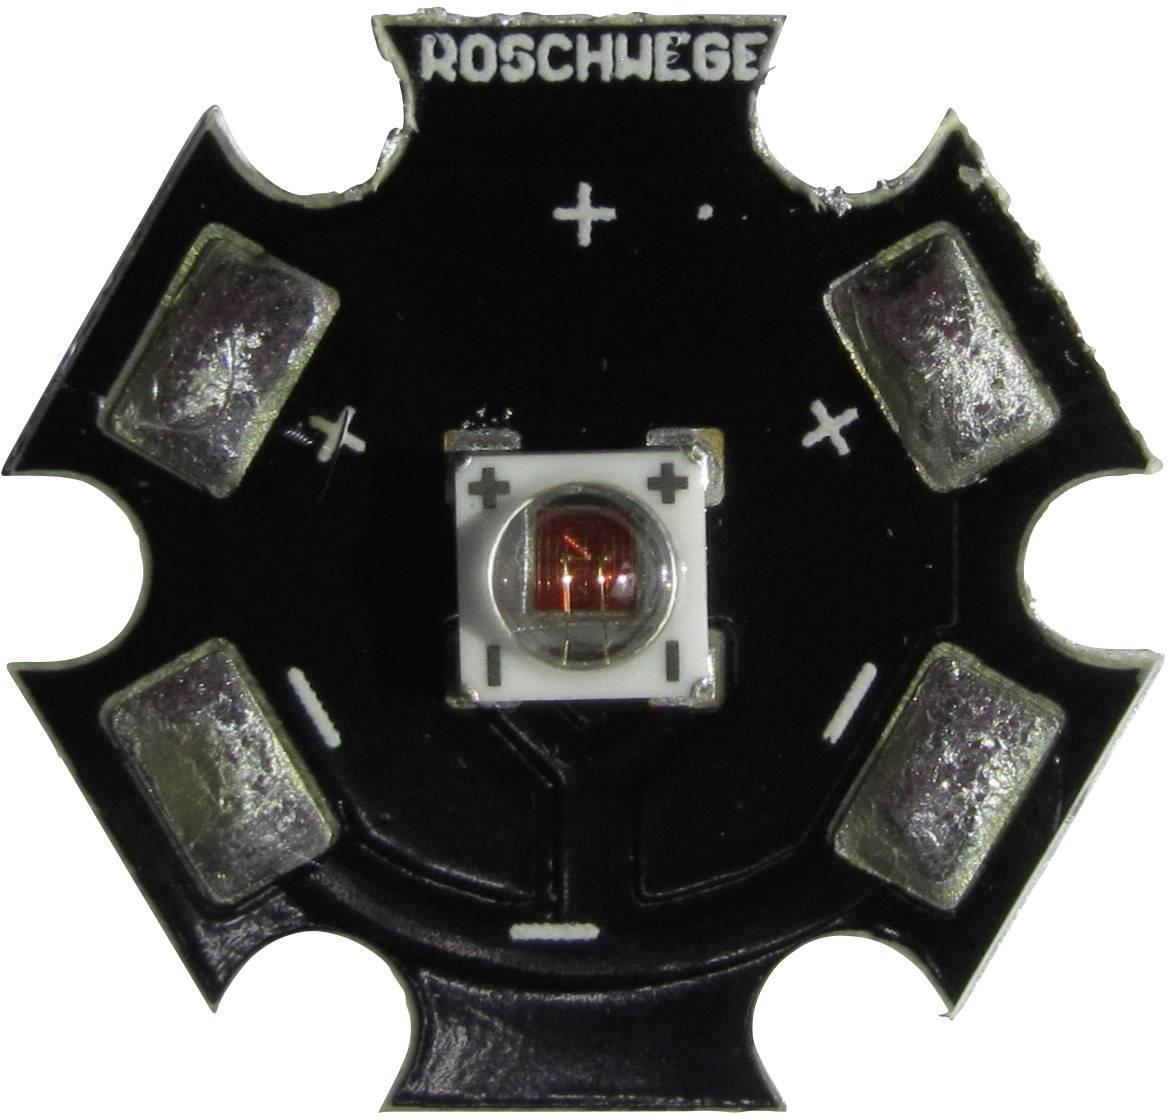 HighPower LED Roschwege 5 W, 2.8 V, 1500 mA, sýto červená